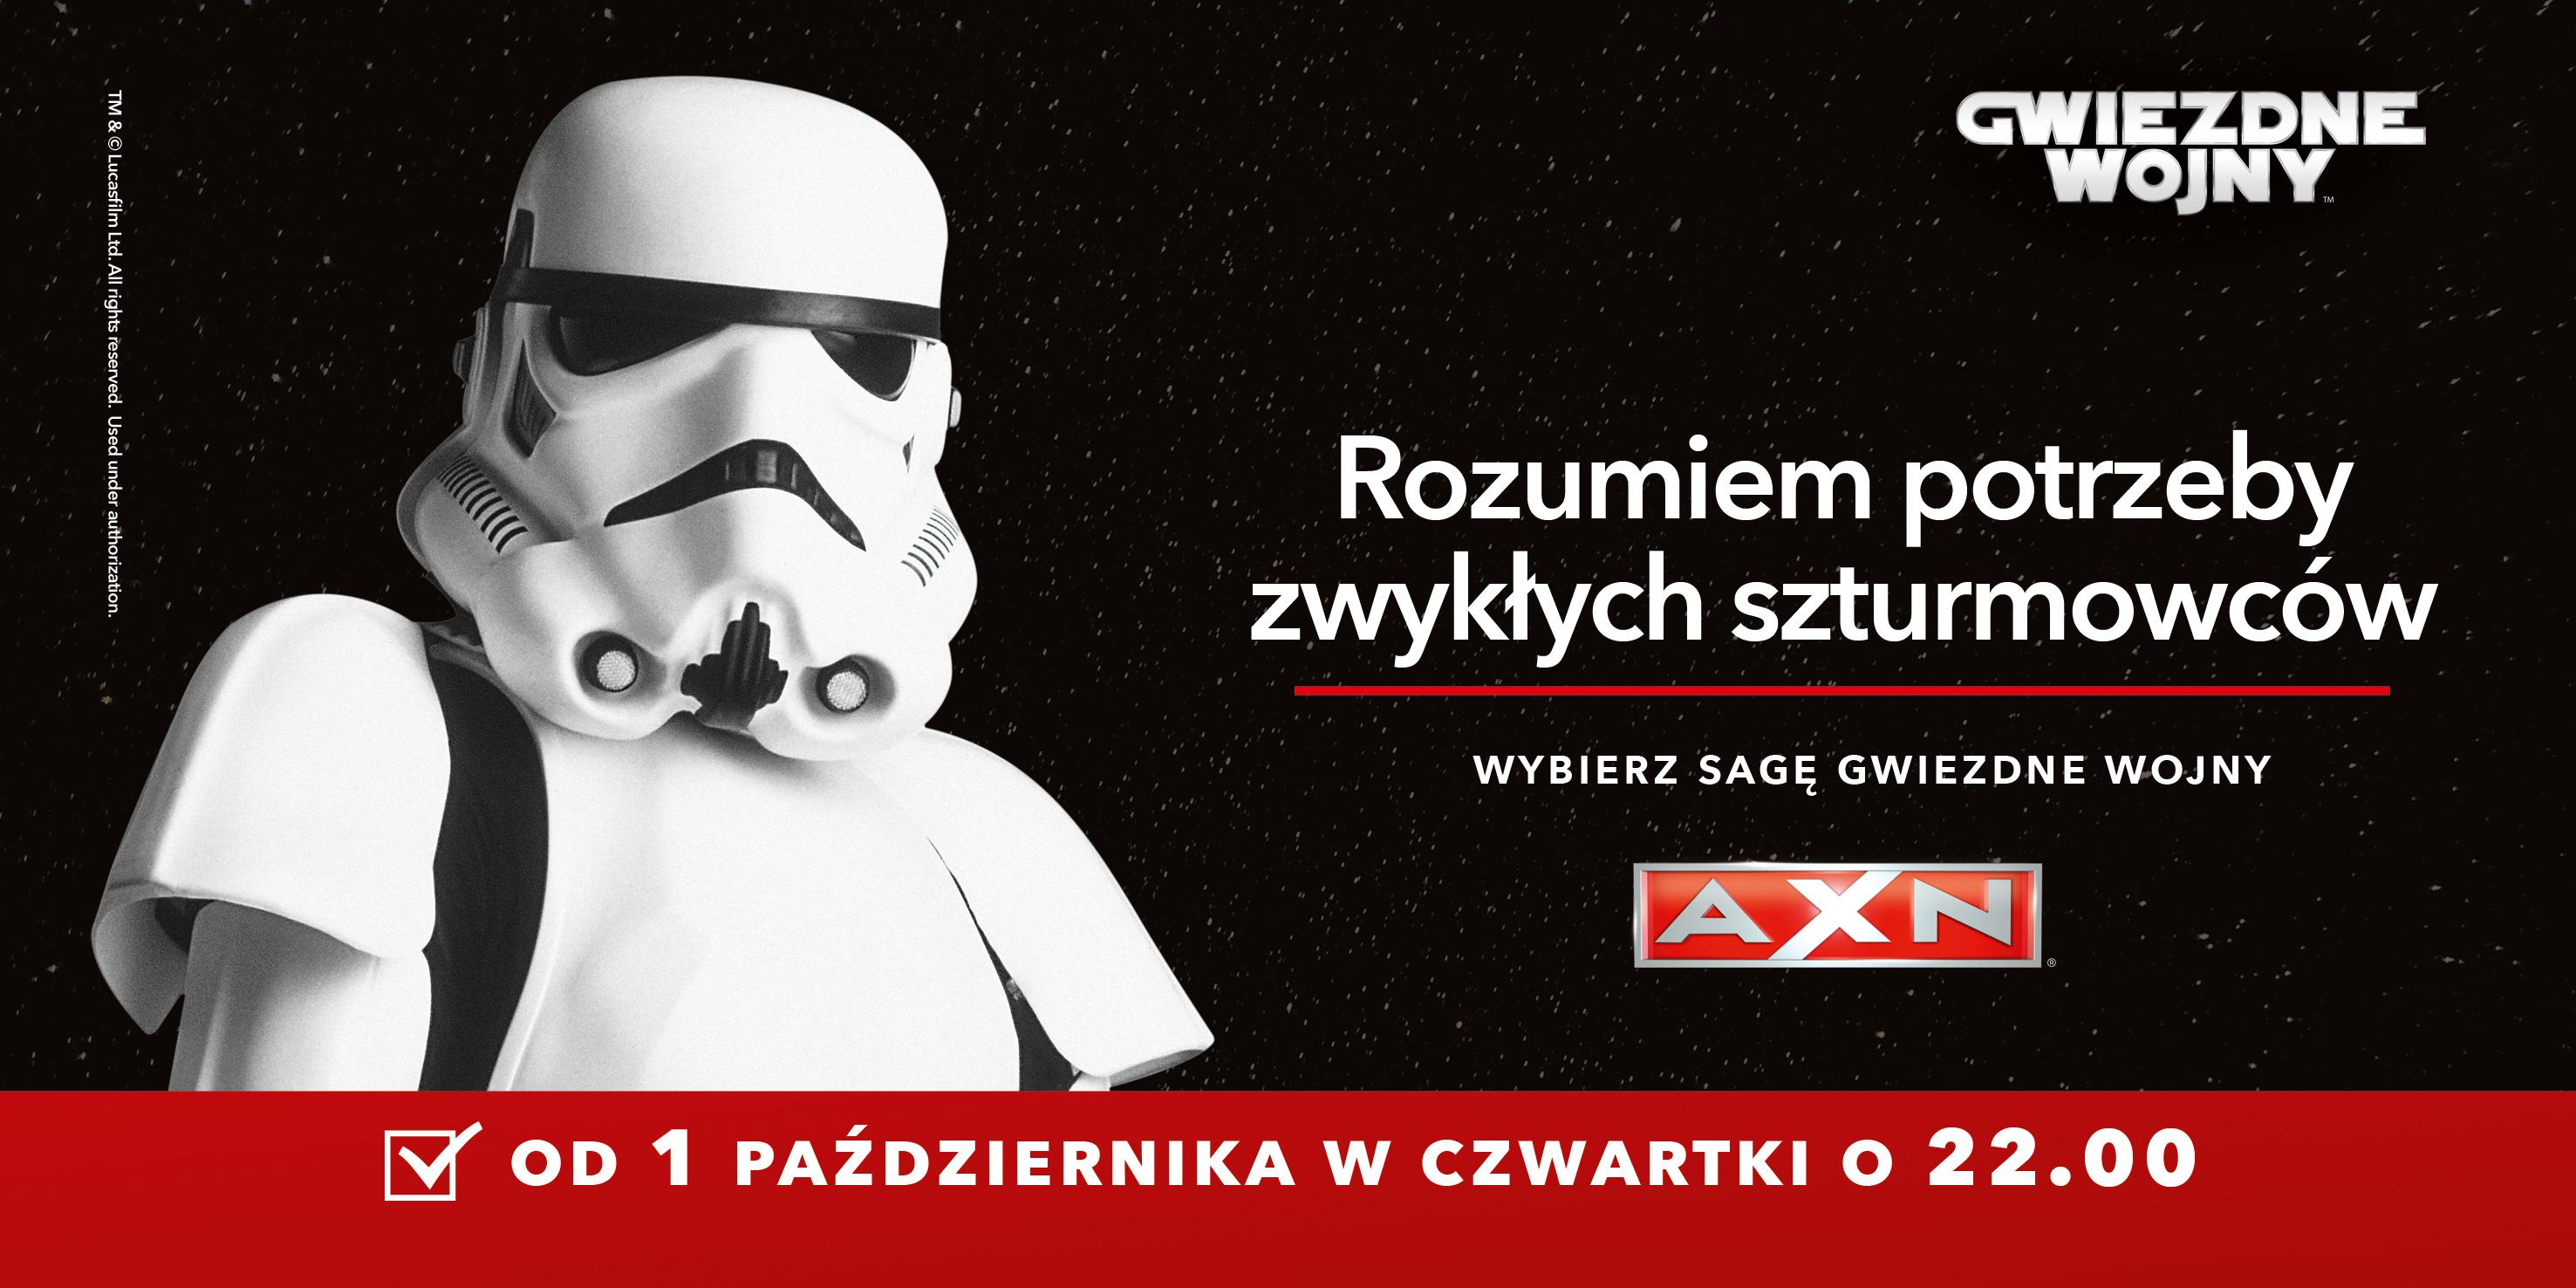 XXXXX_AXN_GwiezdeWojen_CMYK_Szturmowiec